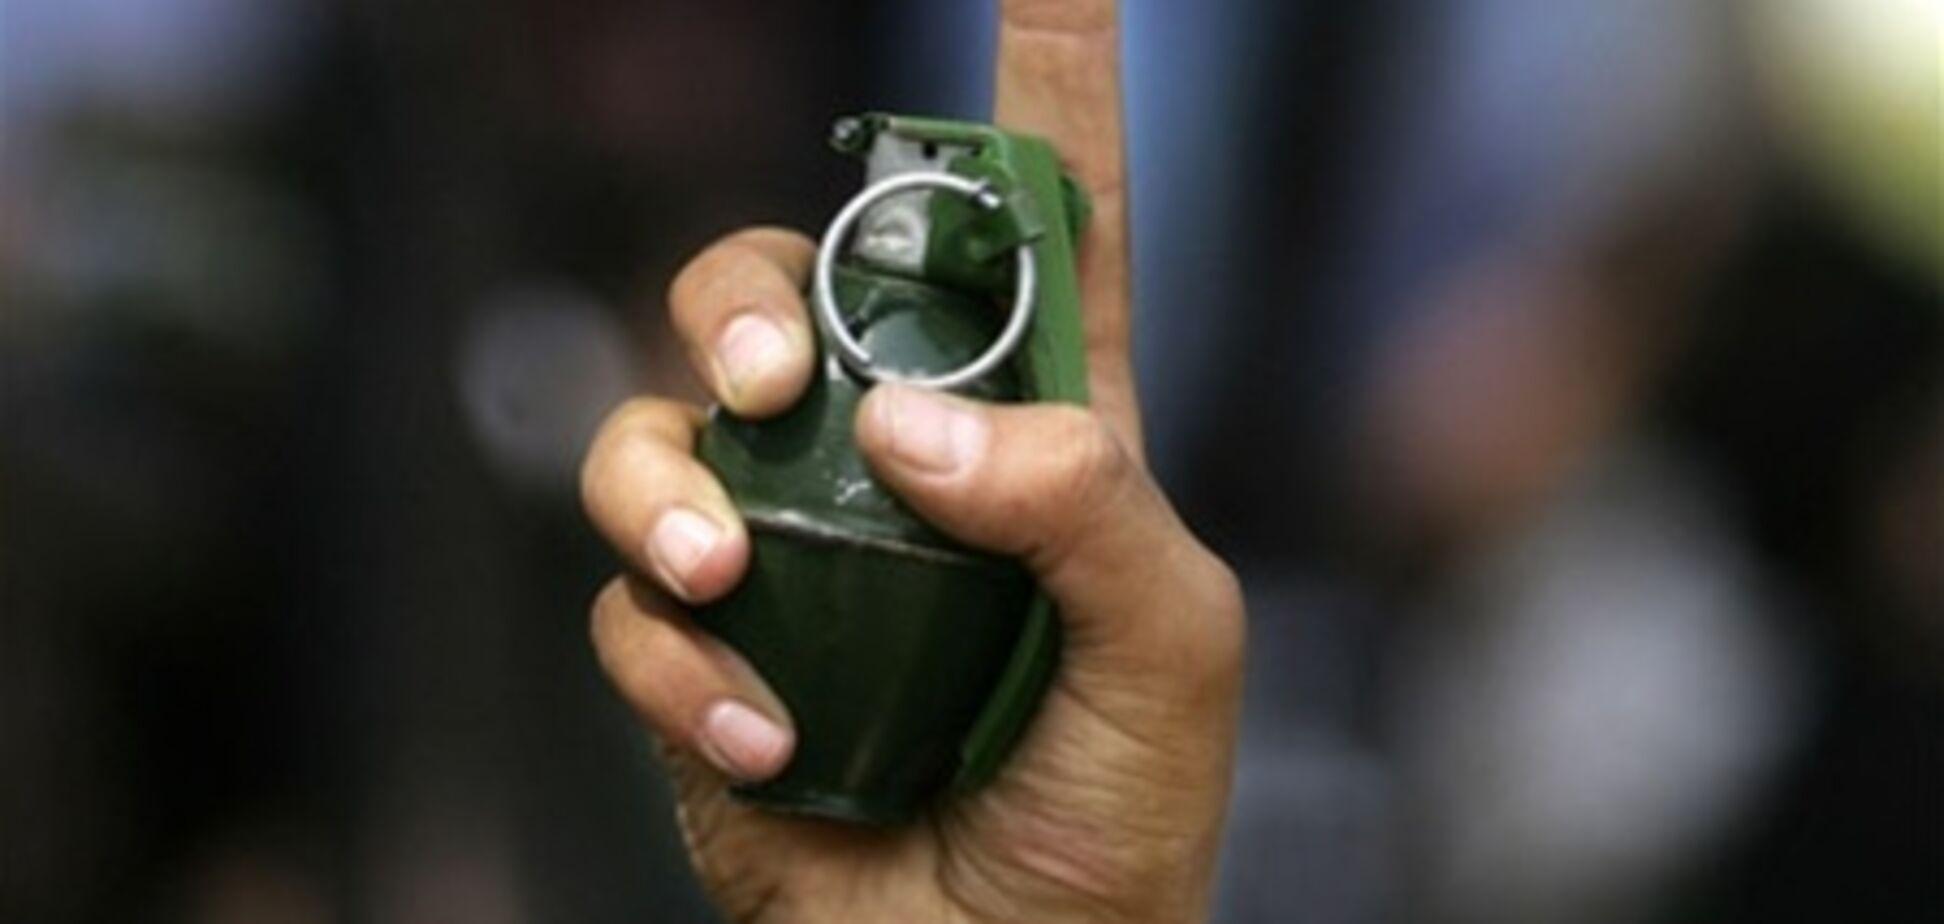 Екс-даішник, який підірвав себе гранатою, попросив зняти його на телефон